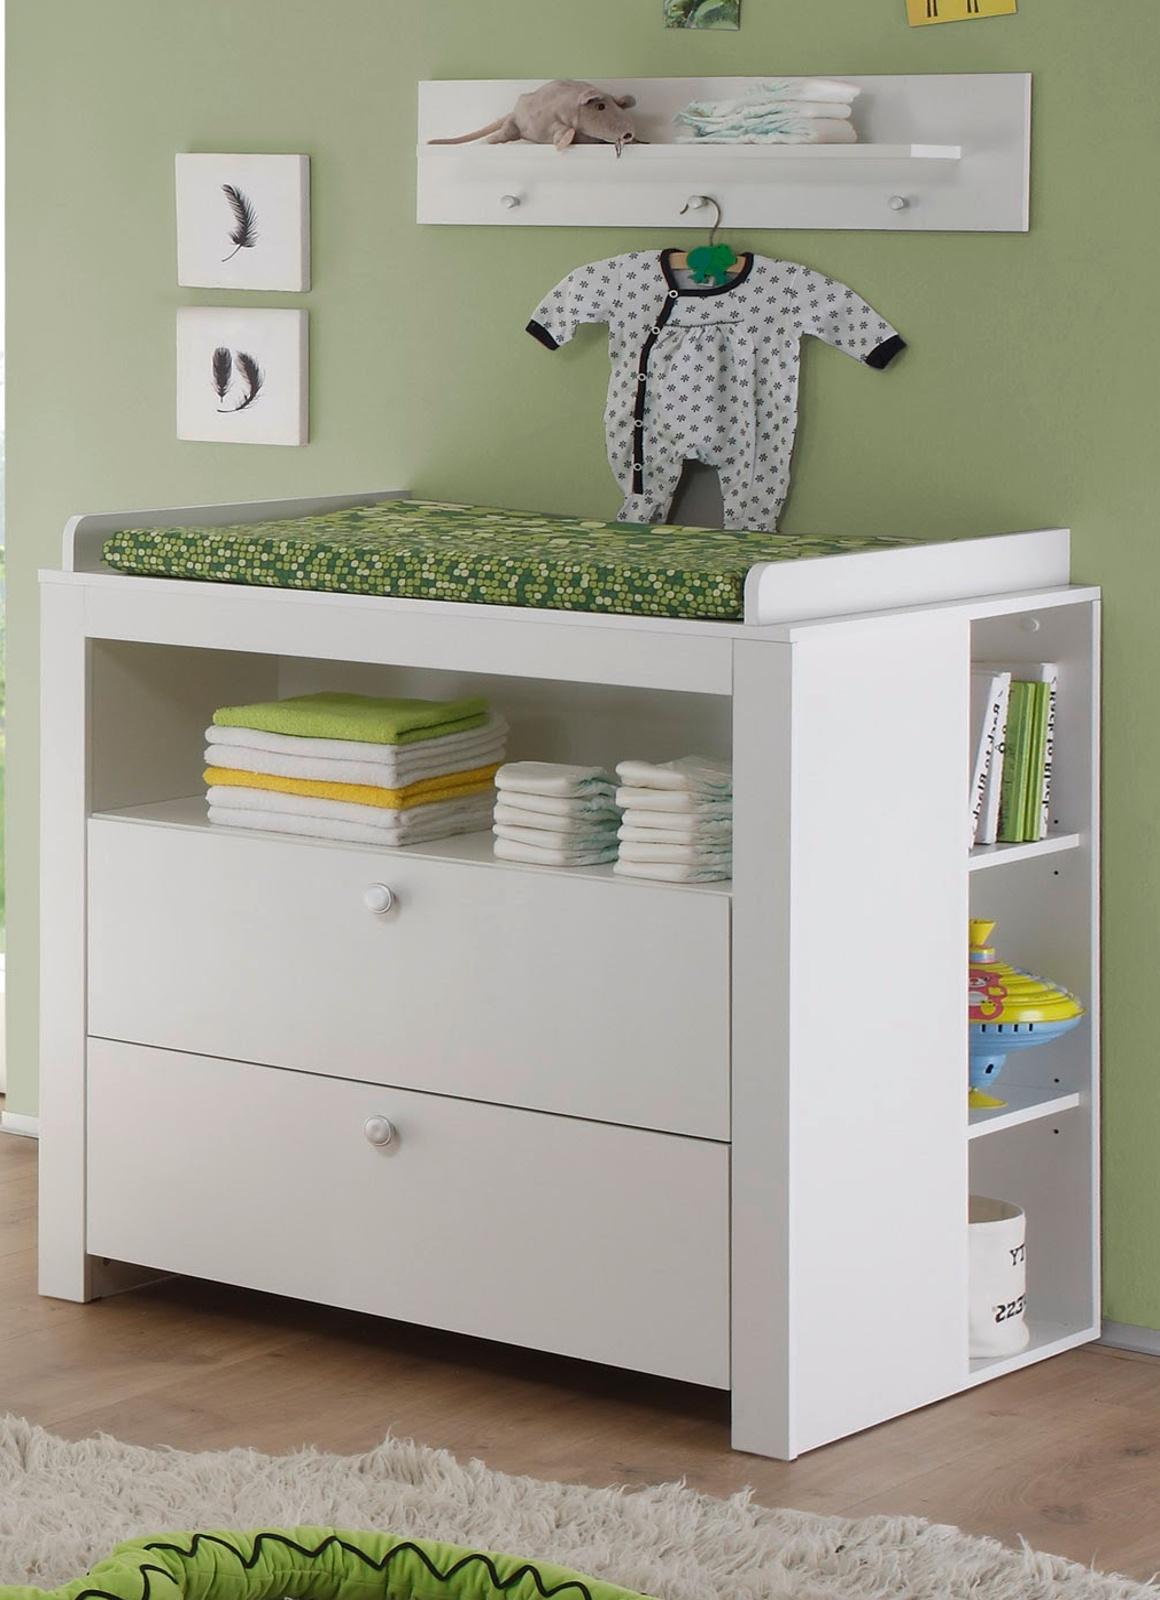 babyzimmer wickelkommode olivia regal weiß - guenstigeinrichten.de